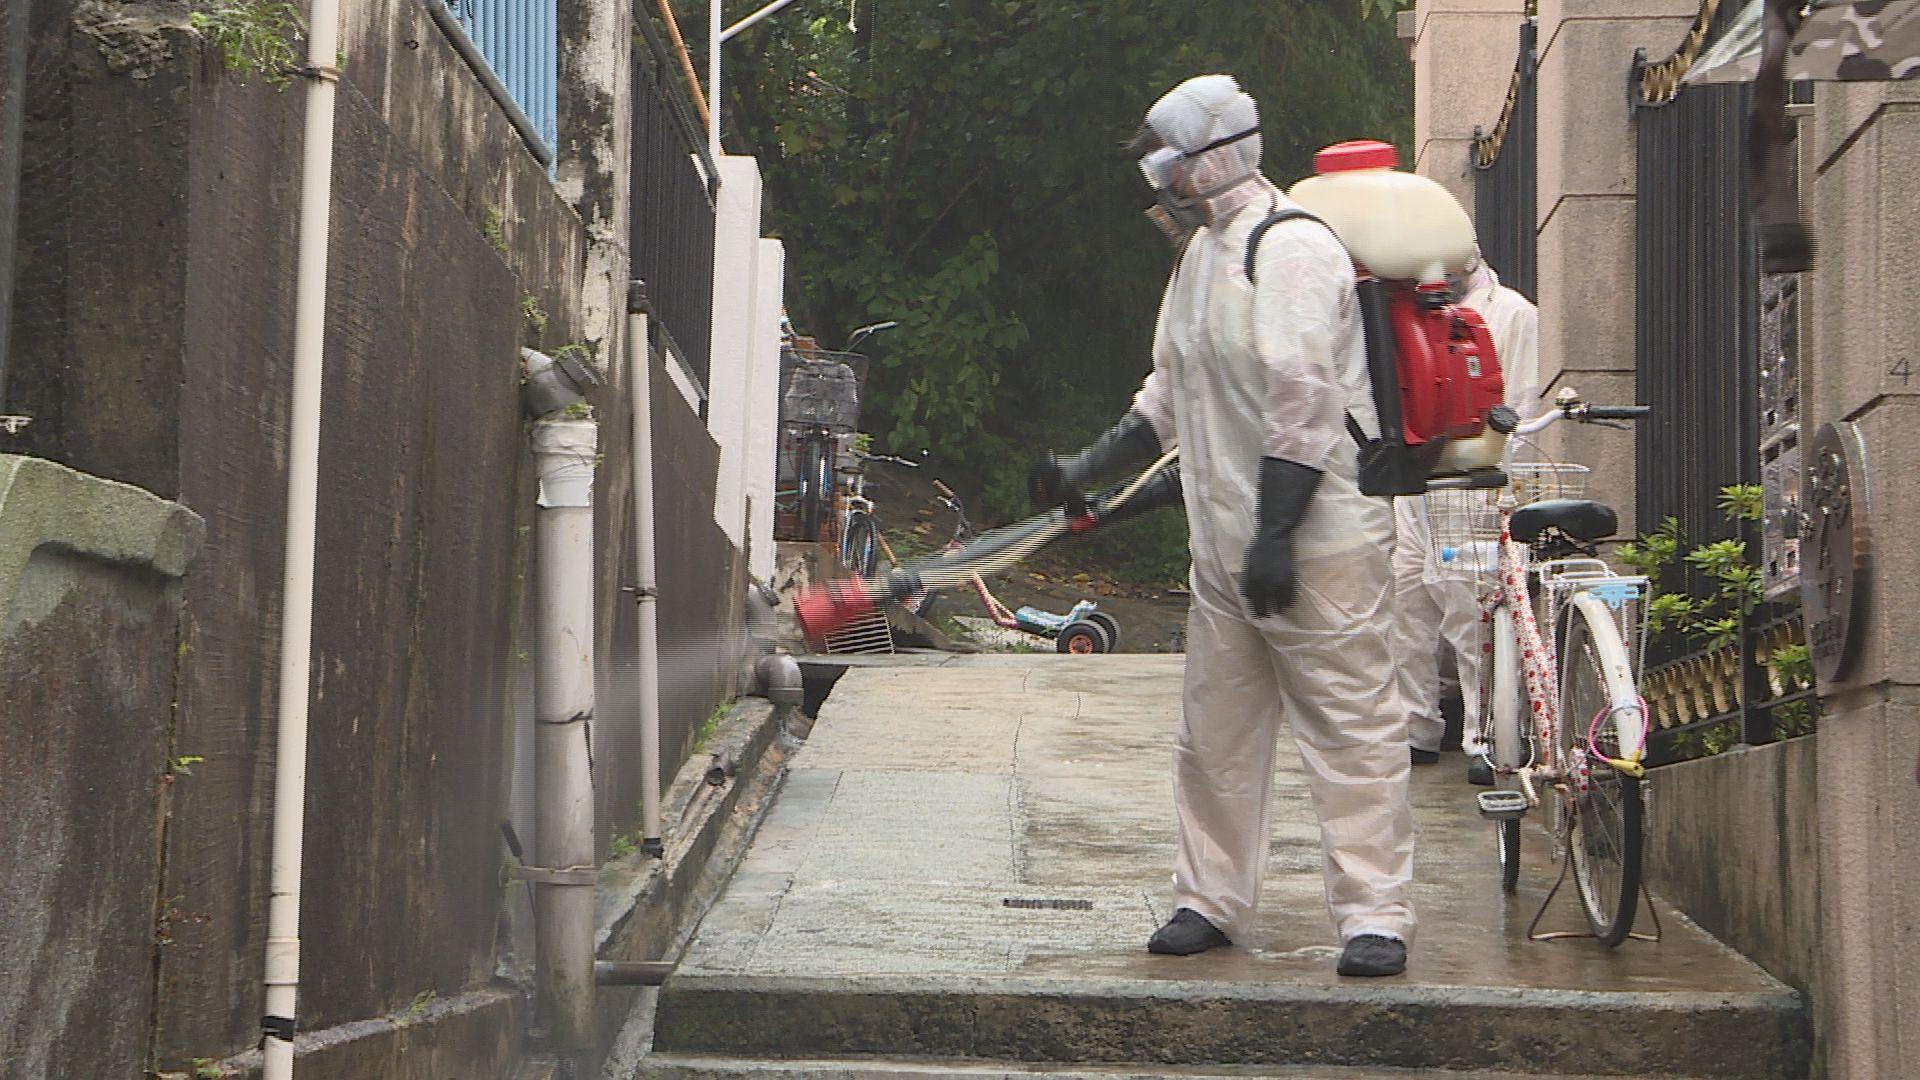 黃加慶:疫情爆發原因不明 長洲情況難估計